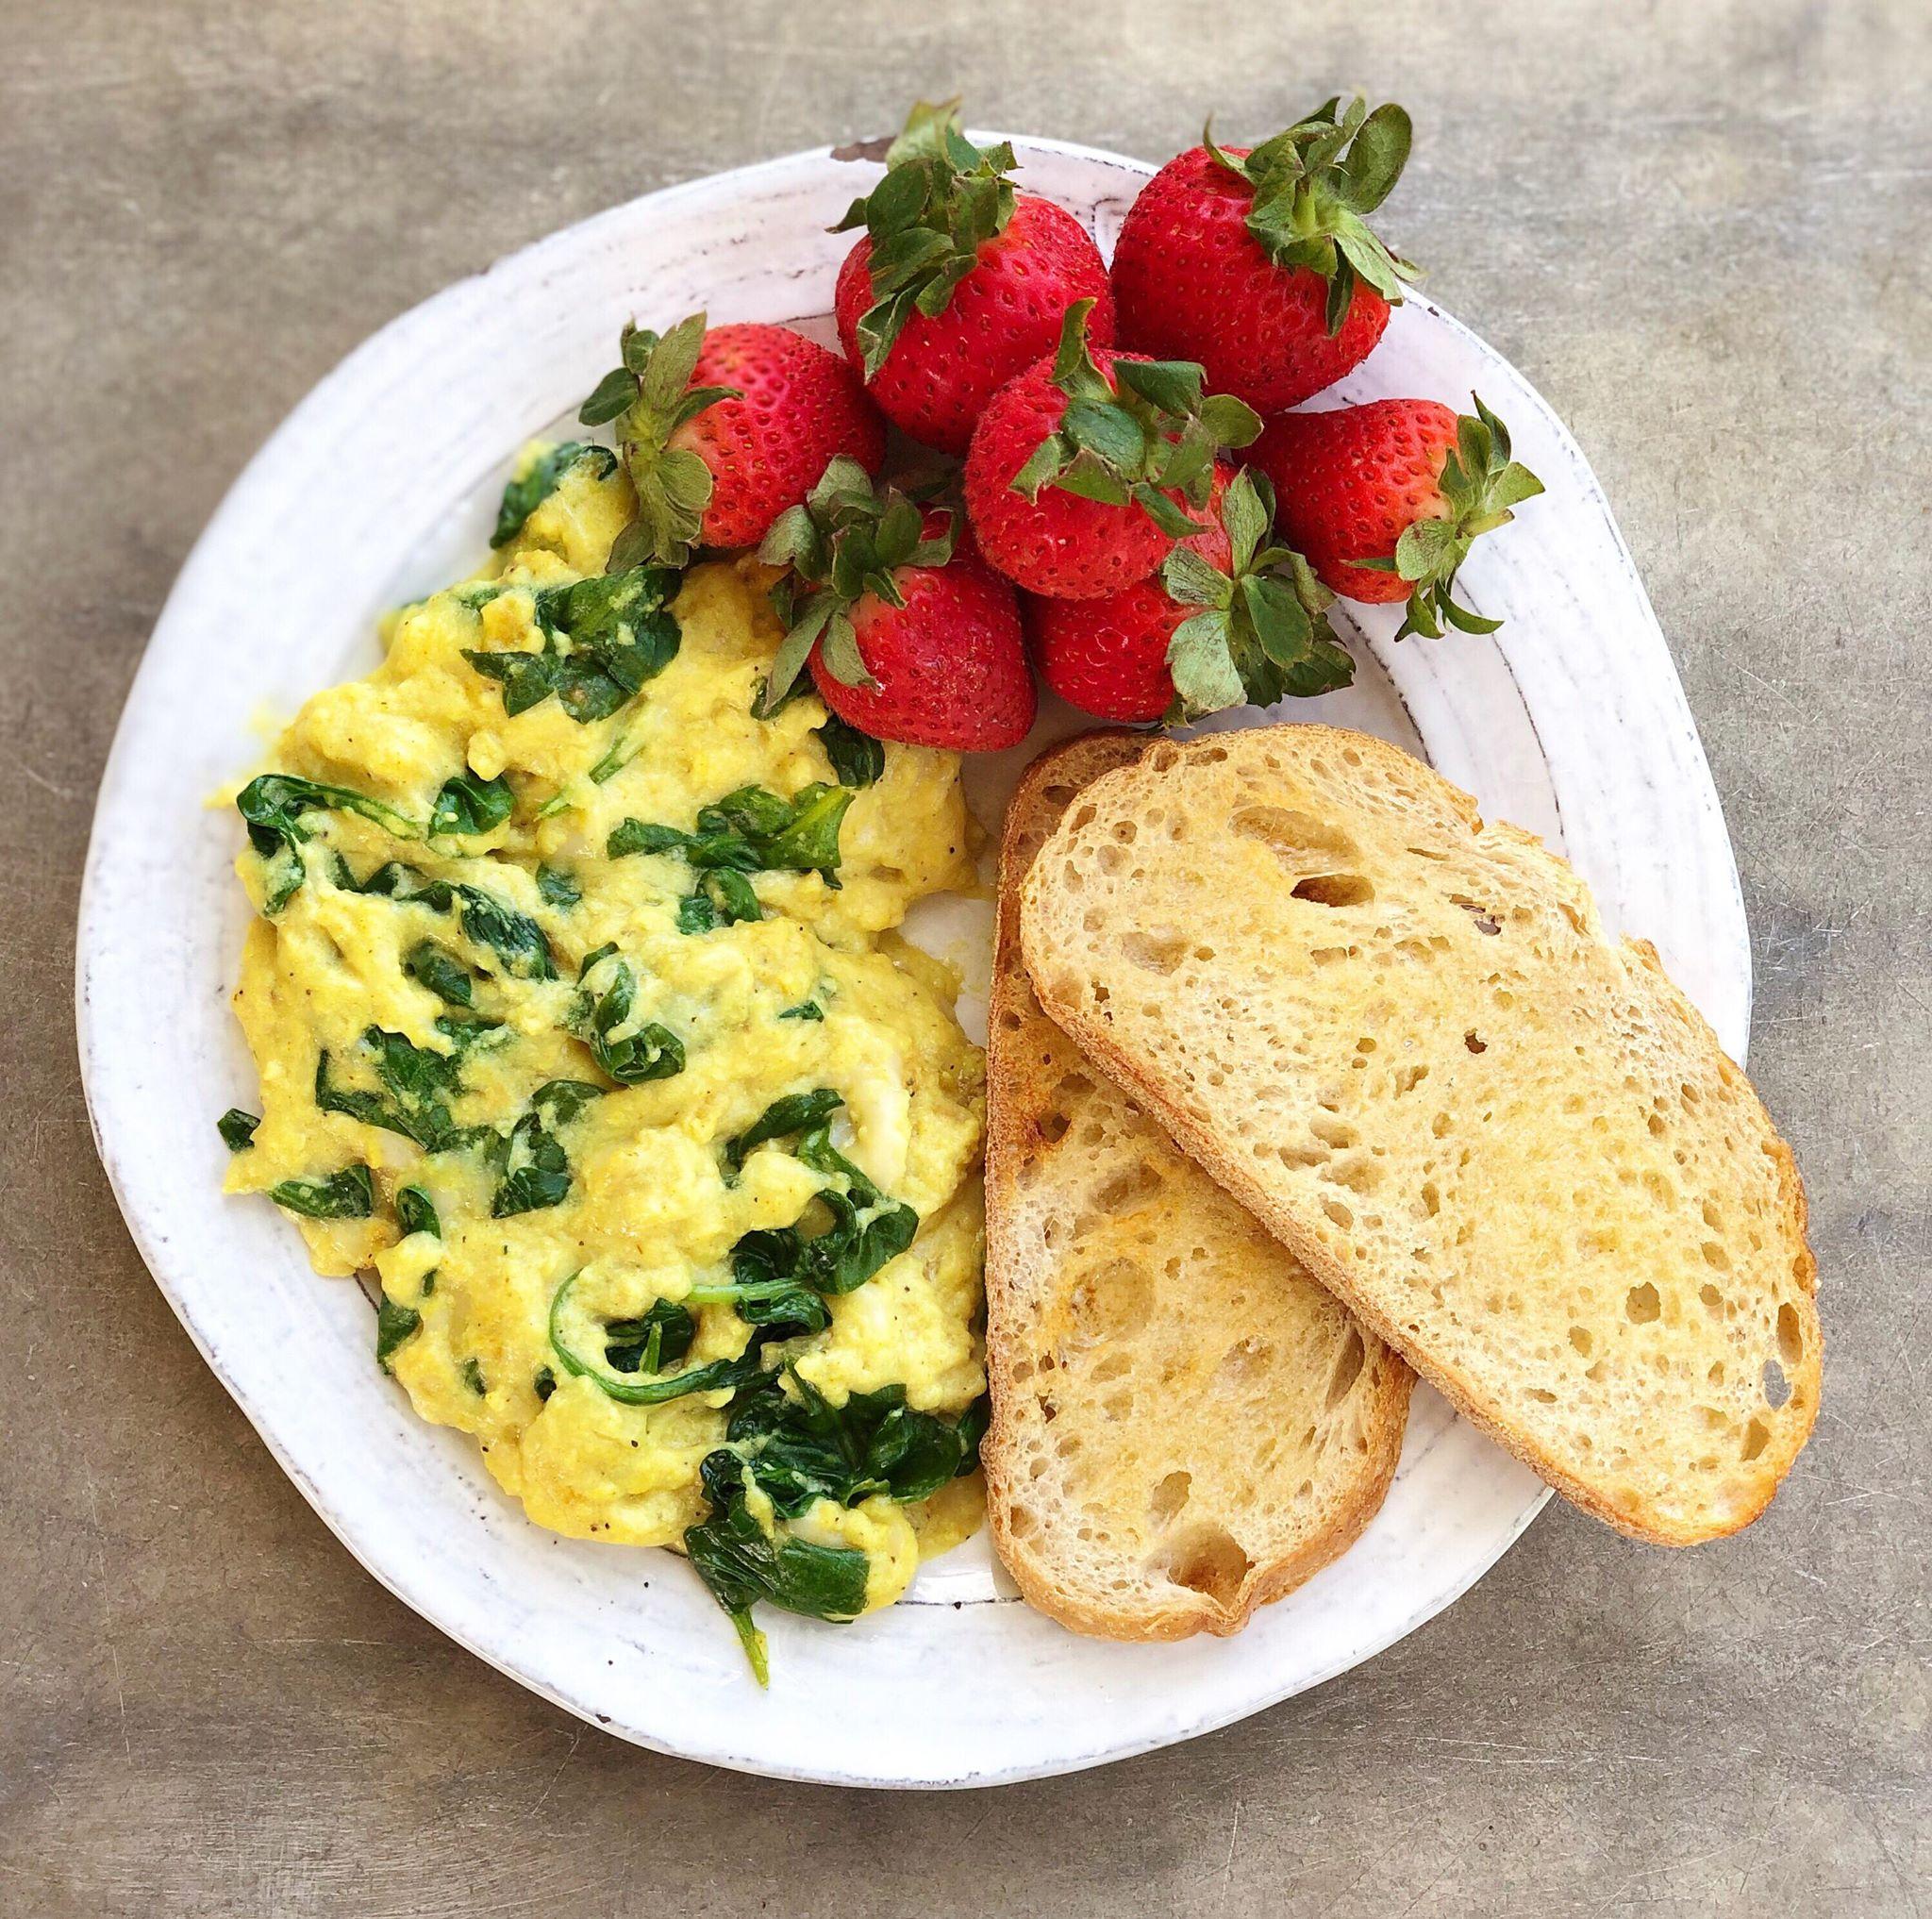 Tofu_scramble_omelette_batter.jpg